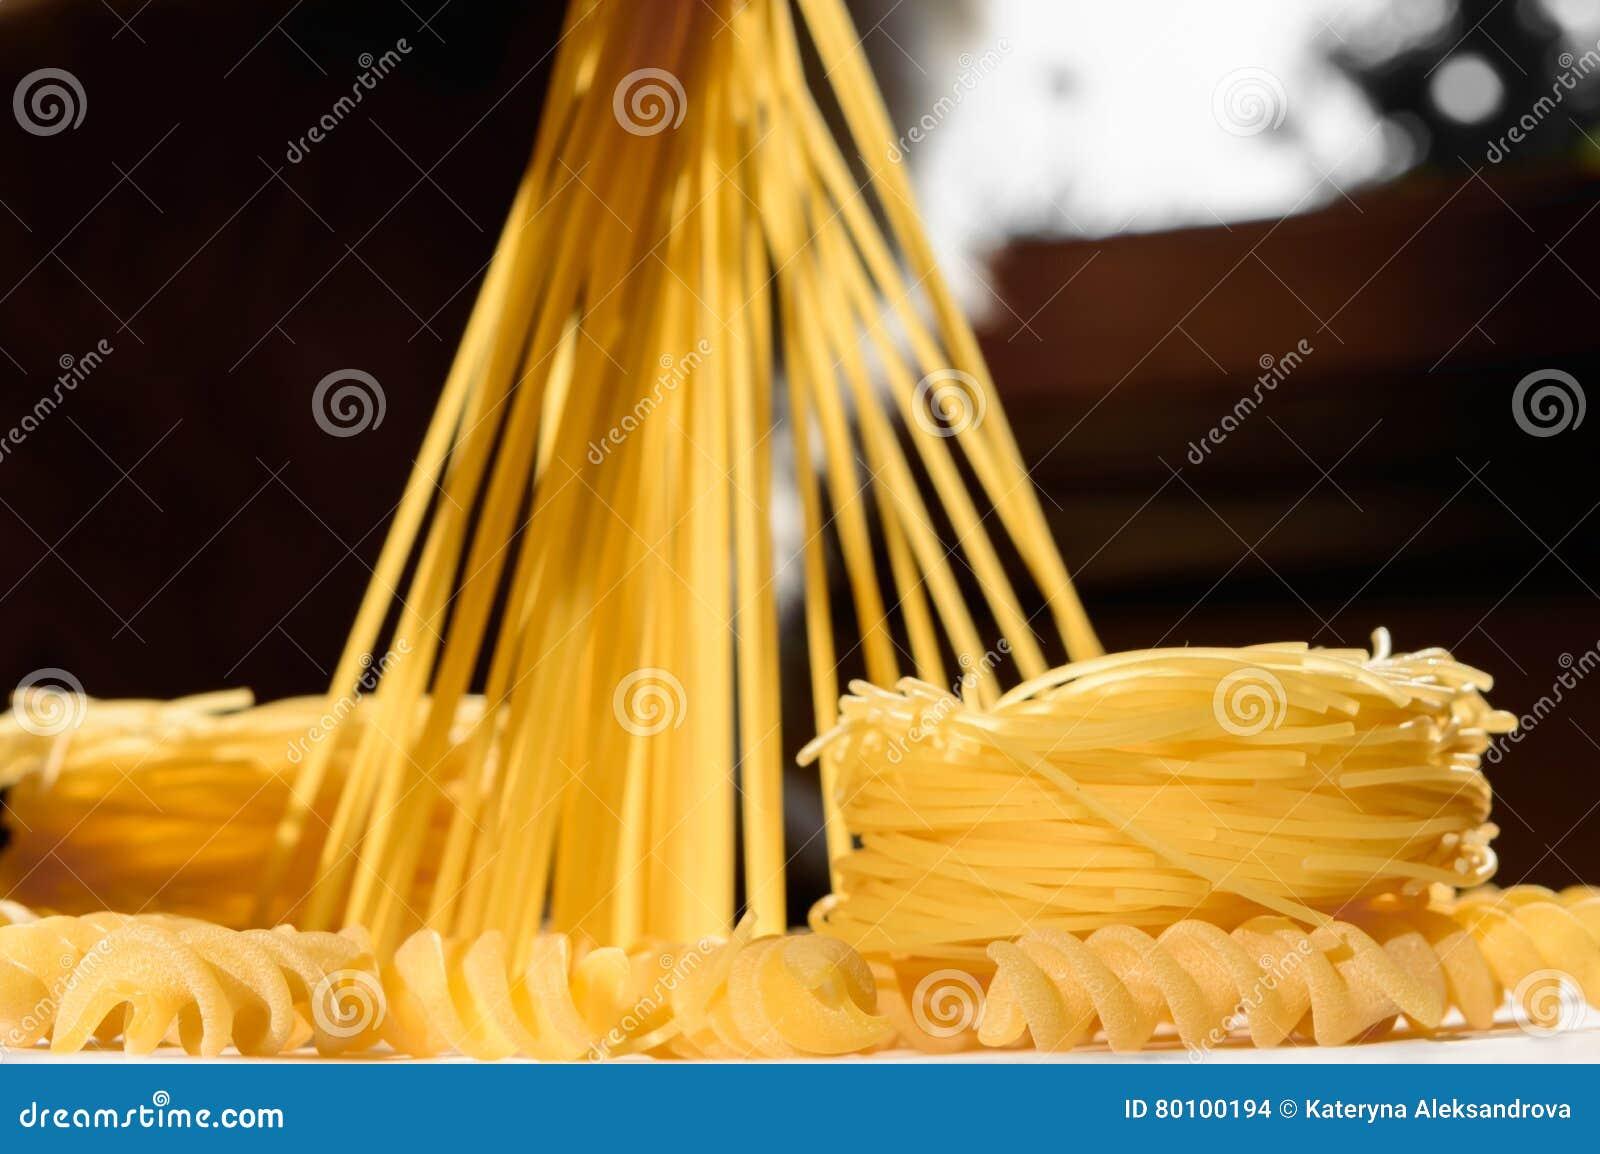 Ninhos e suporte da massa dos espaguetes eretos em uma cozinha iluminada